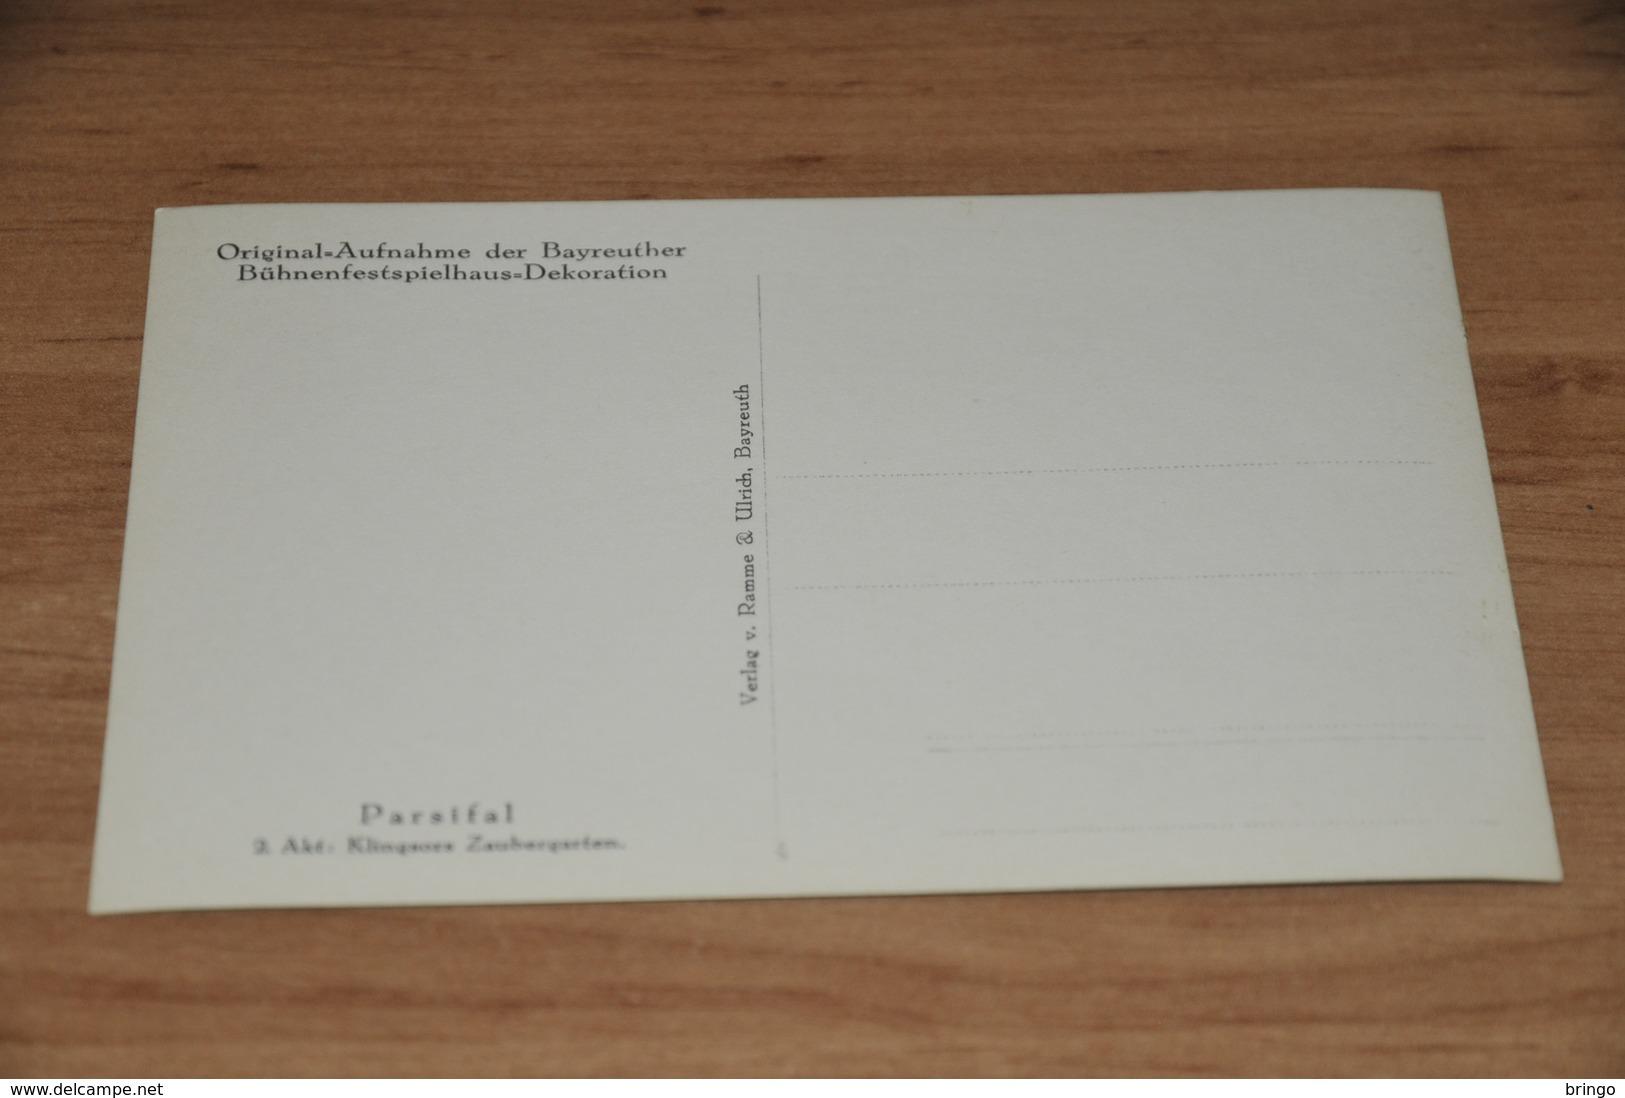 8962-   ORIGINAL AUFNAHME DER BAYREUTHER BÜHNENFESTSPIELHAUS-DEKORATION - PARSIFAL - Bayreuth